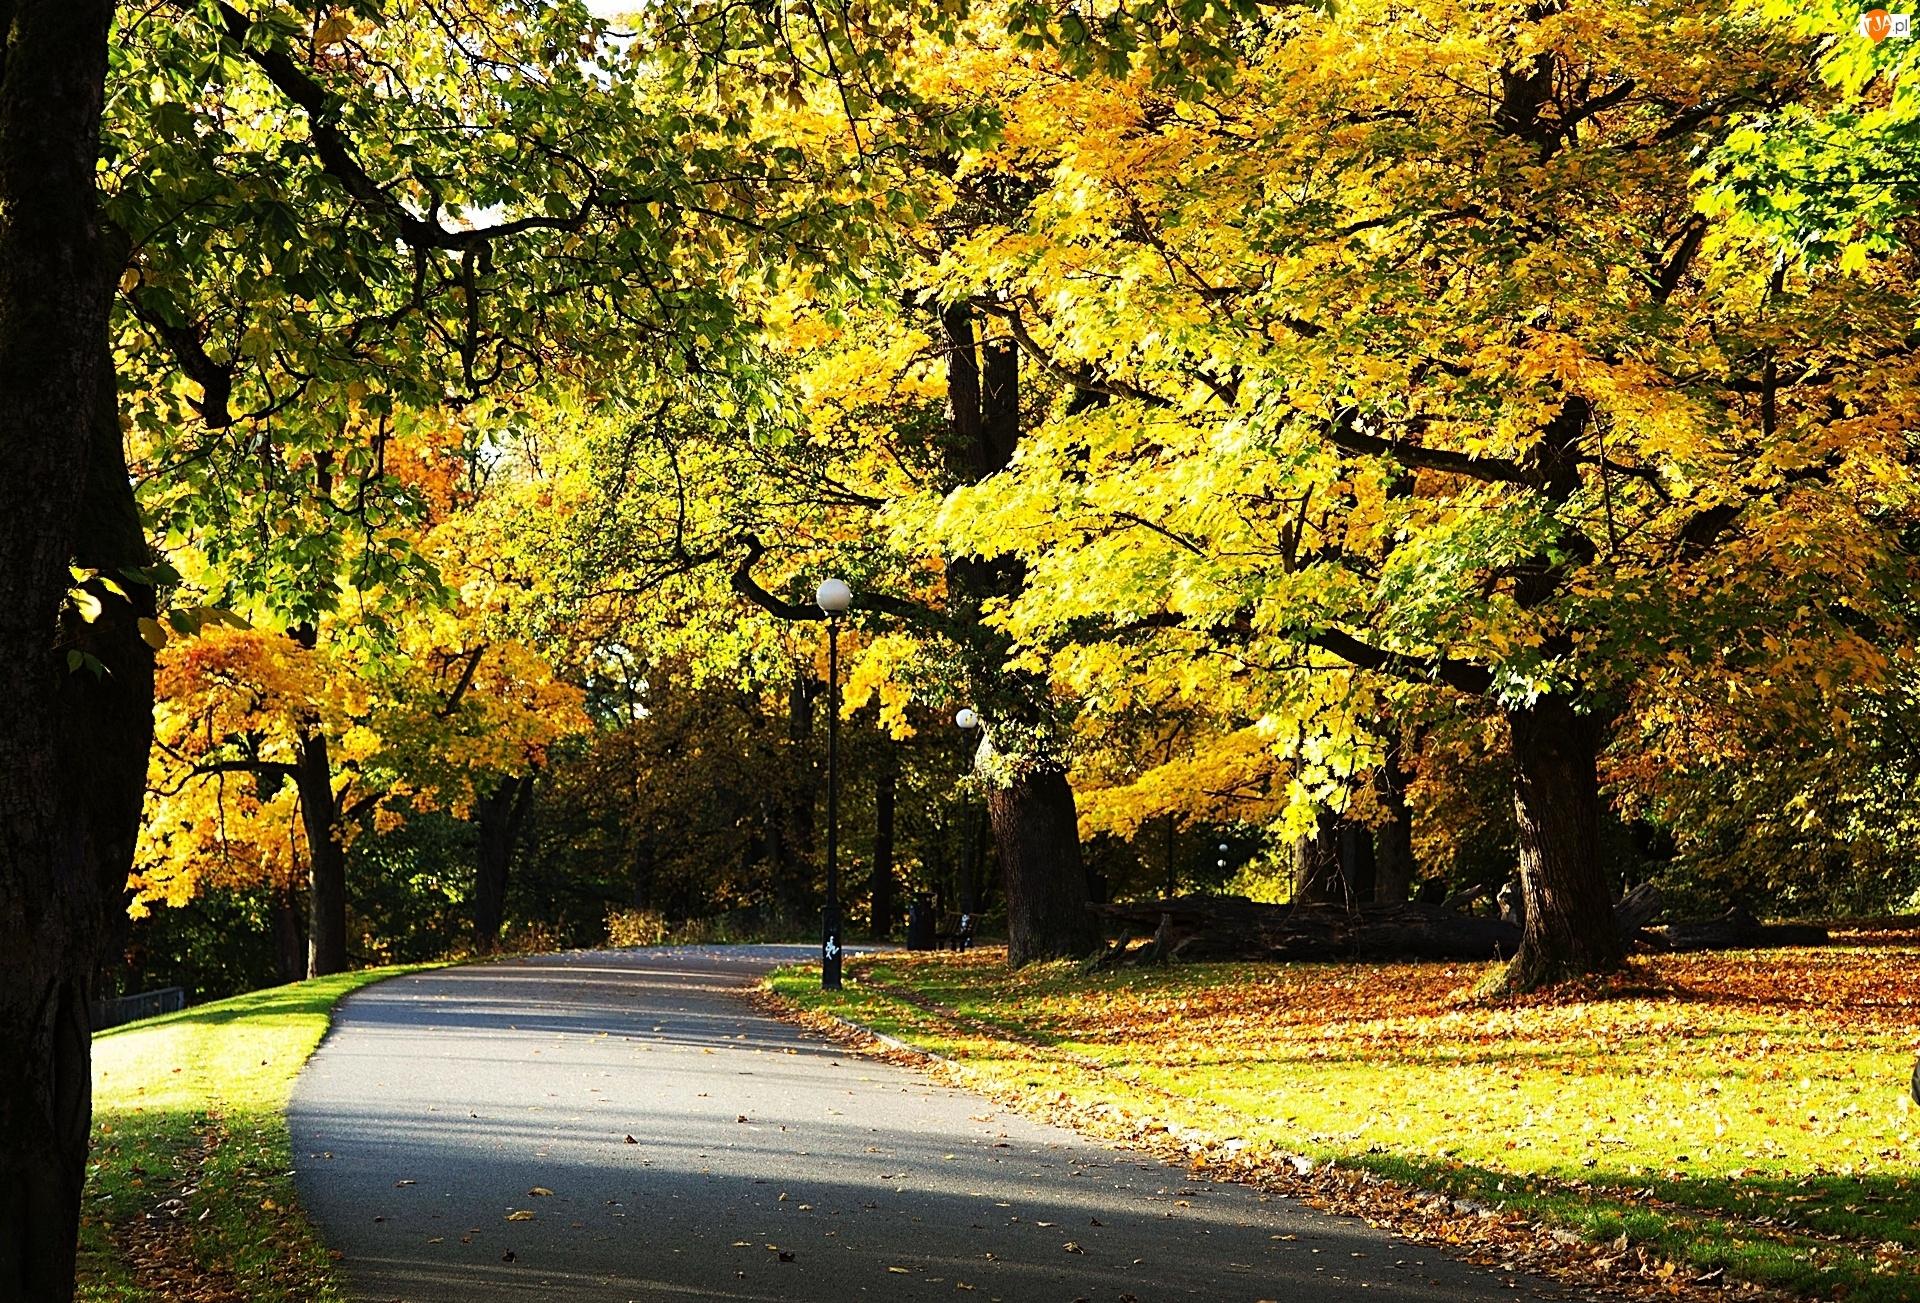 Droga, Park, Alejka, Jesień, Drzewa